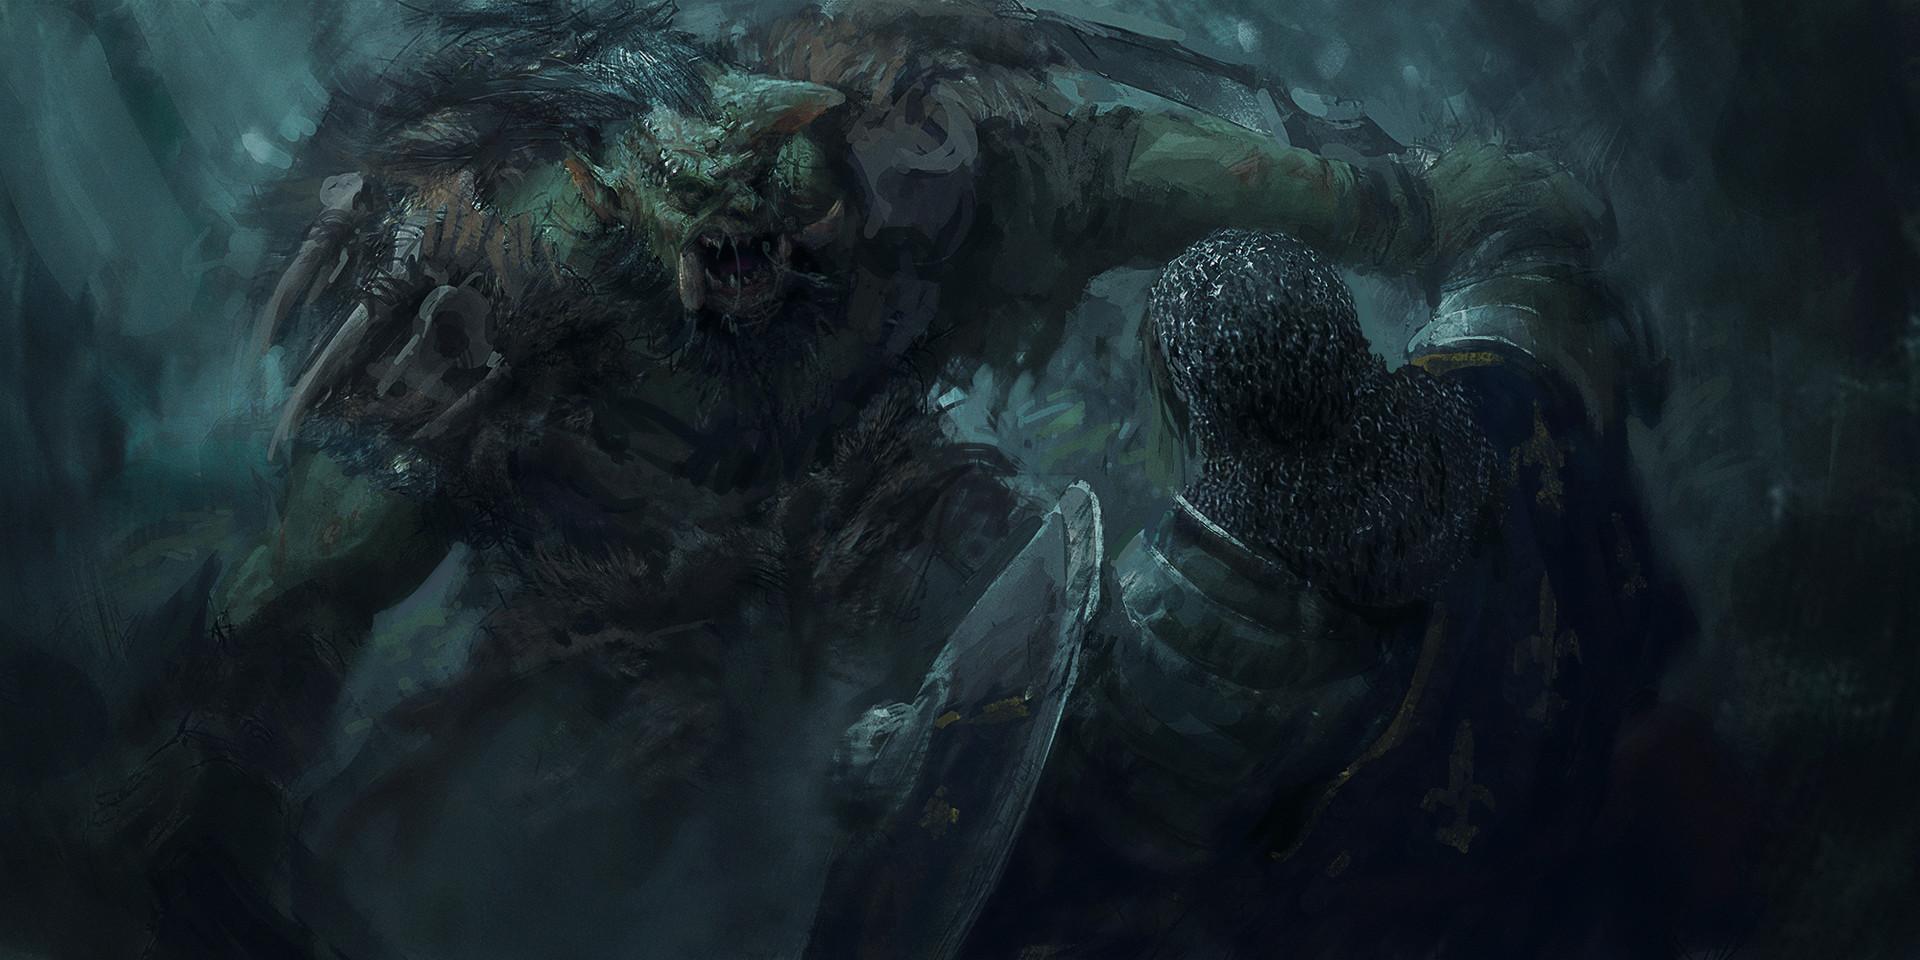 Lucas orstrom orc fightingscene